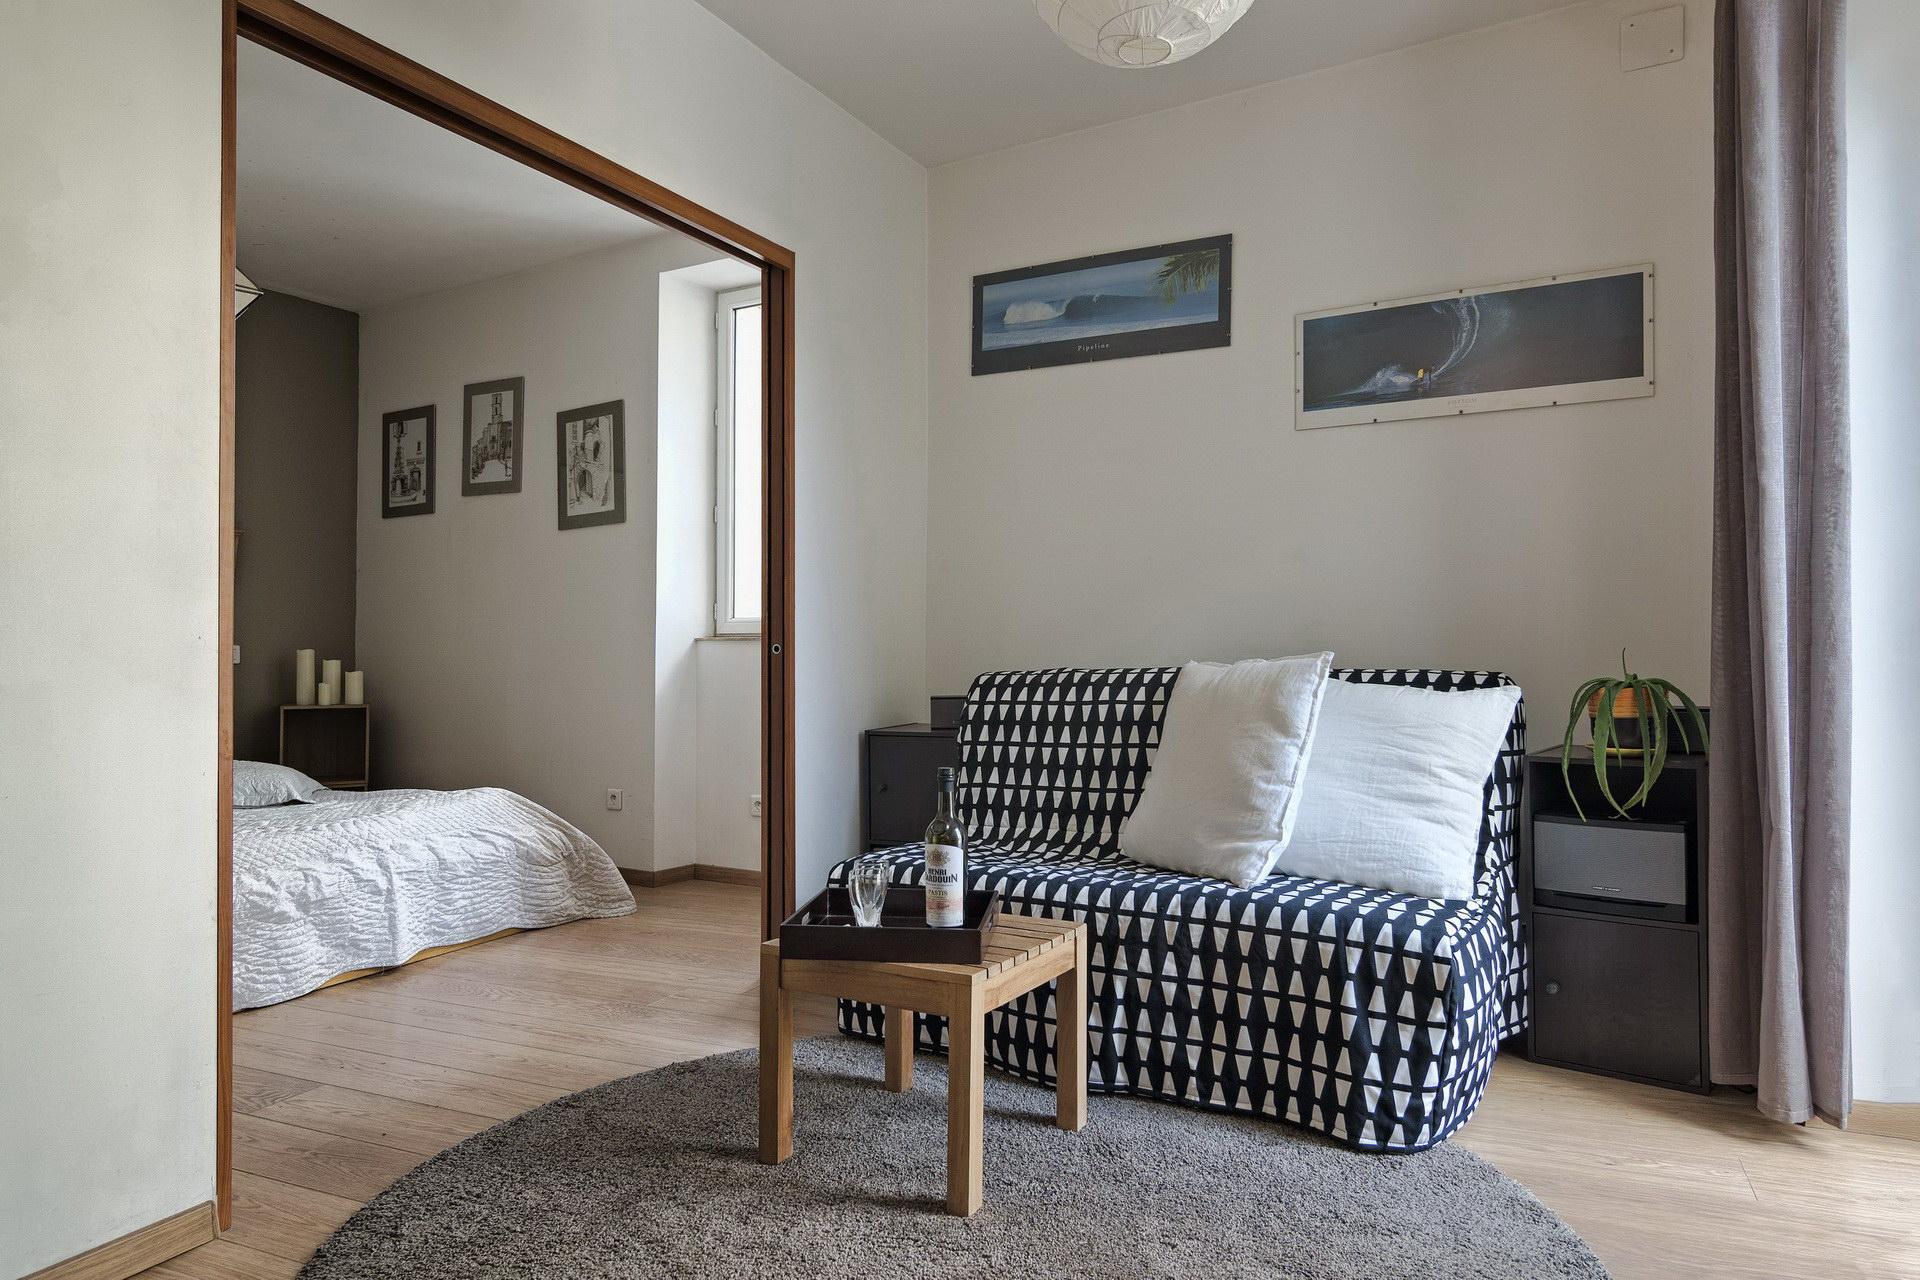 appartement de charme en location à Forcalquier 2 personnes grand séjour avec coin TV